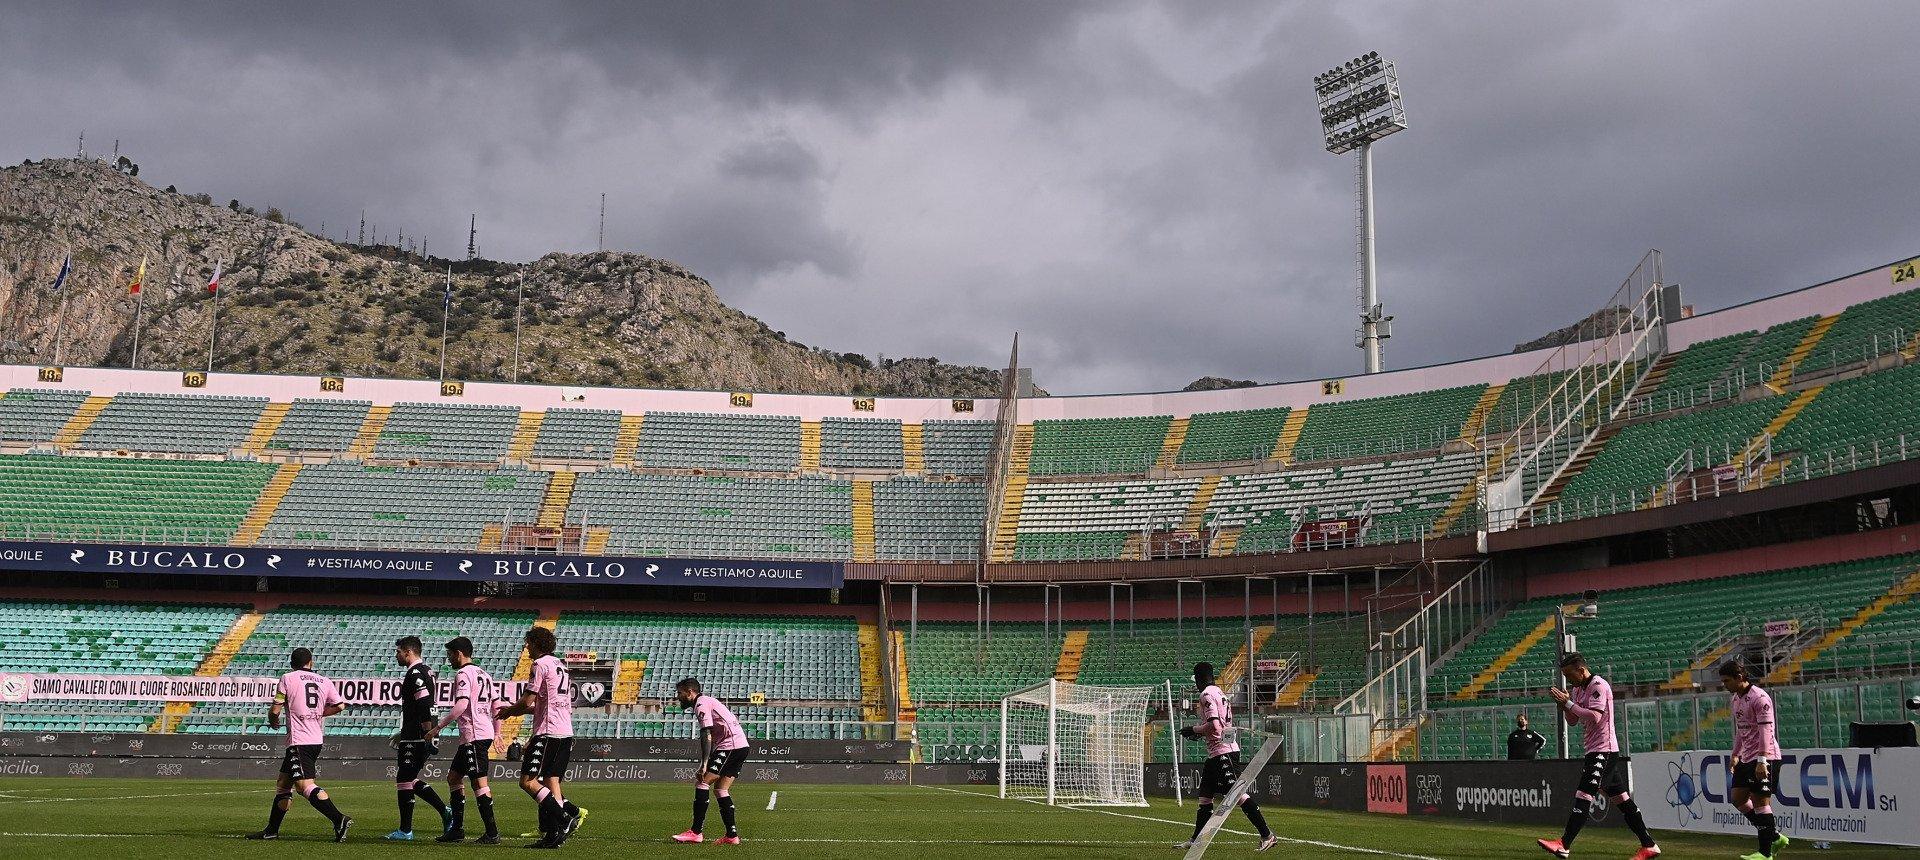 Palermo-Vibonese: le formazioni ufficiali